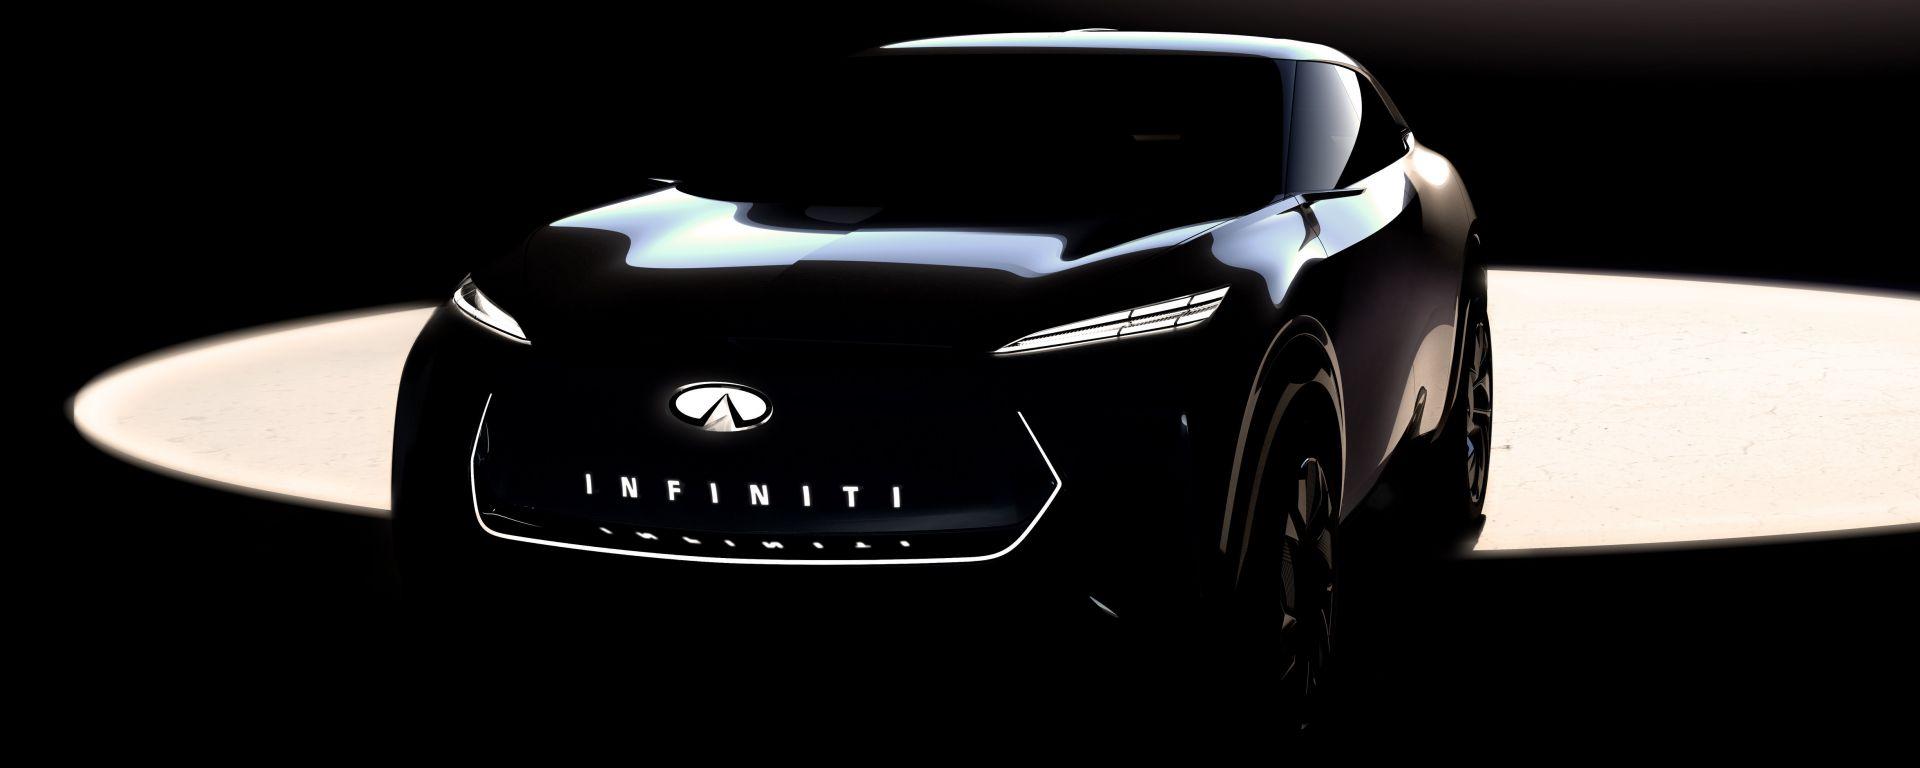 Infiniti: una crossover elettrica al Salone di Detroit 2019